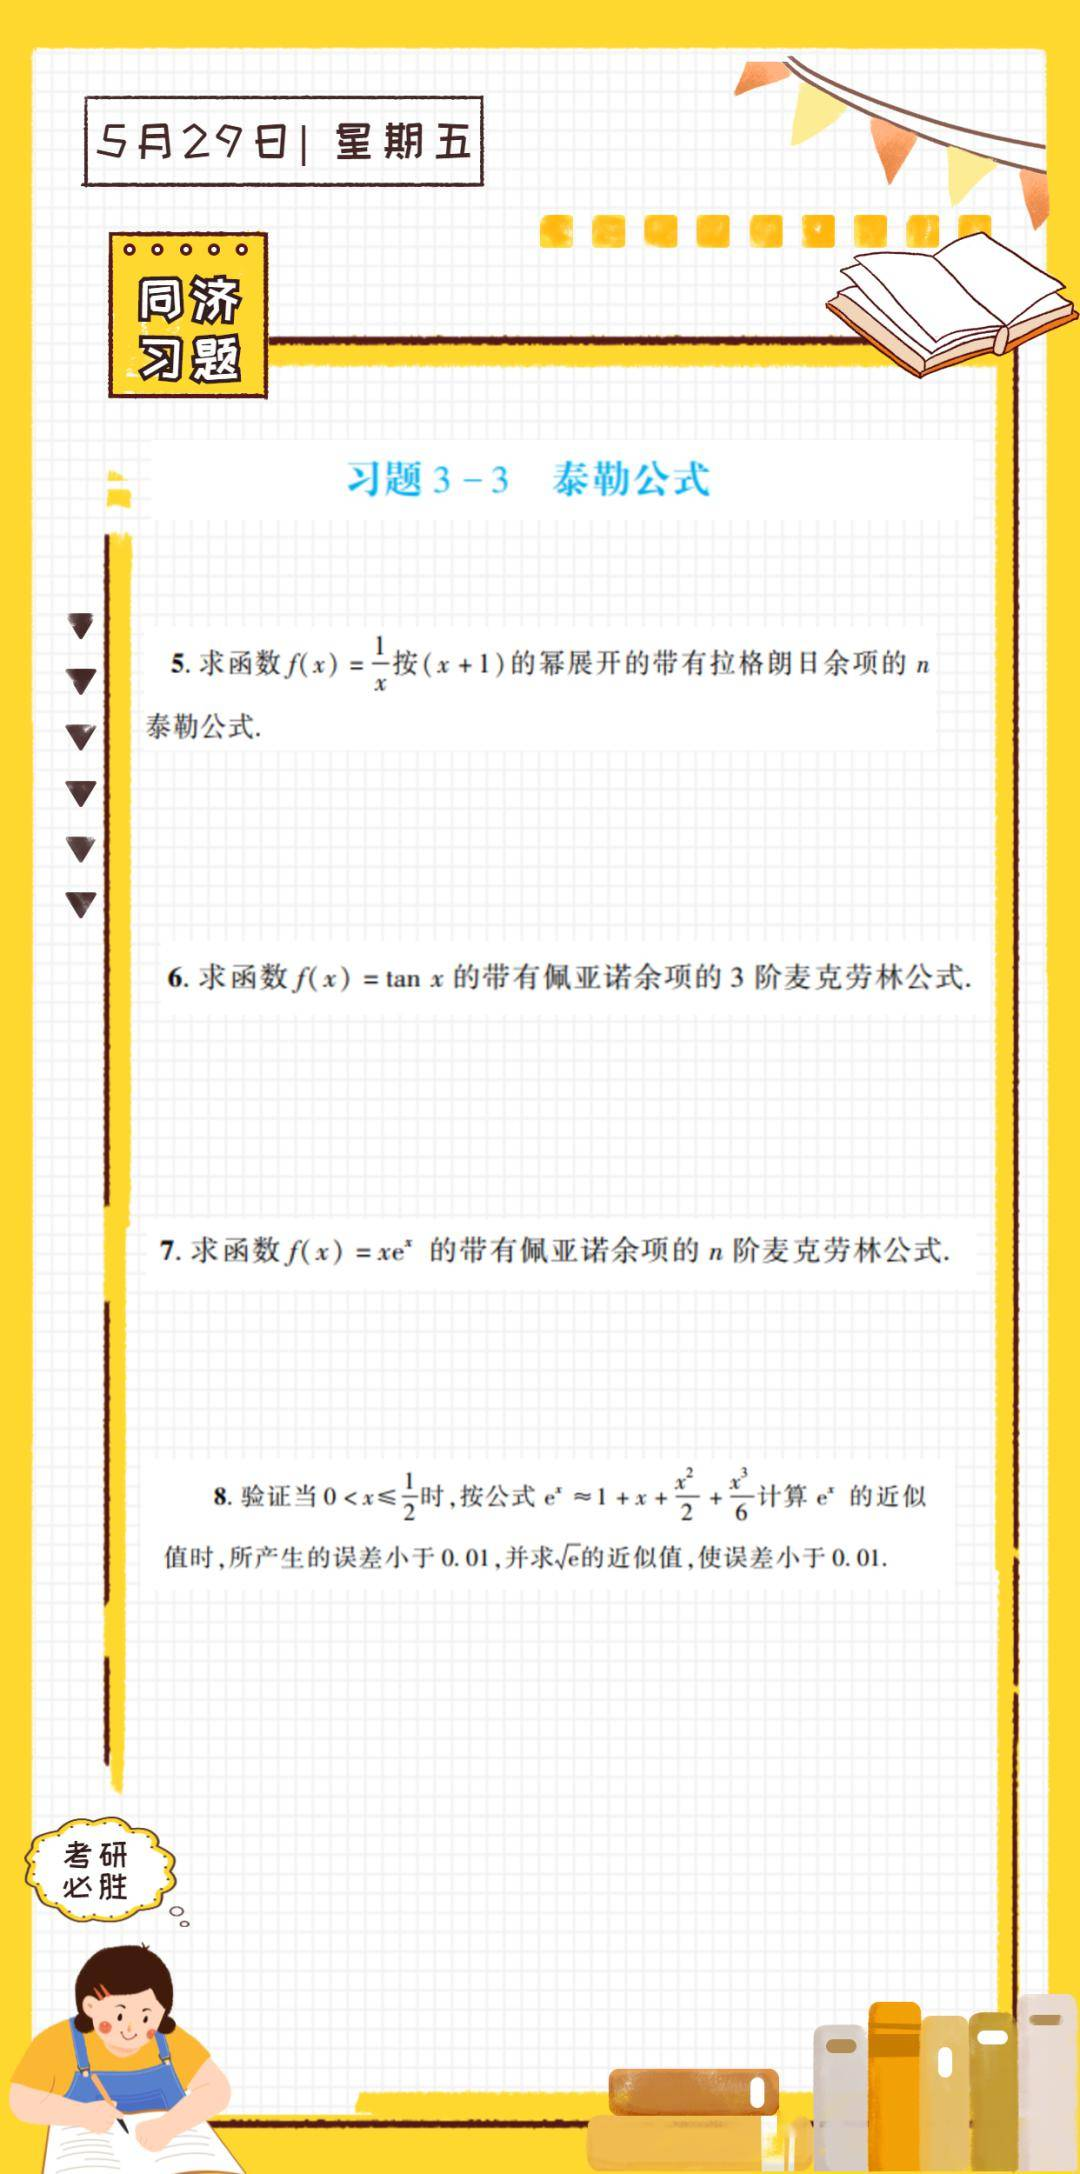 【考研数学】同济刷习题第54期:习题3-3 泰勒公式 的5-8题(2)